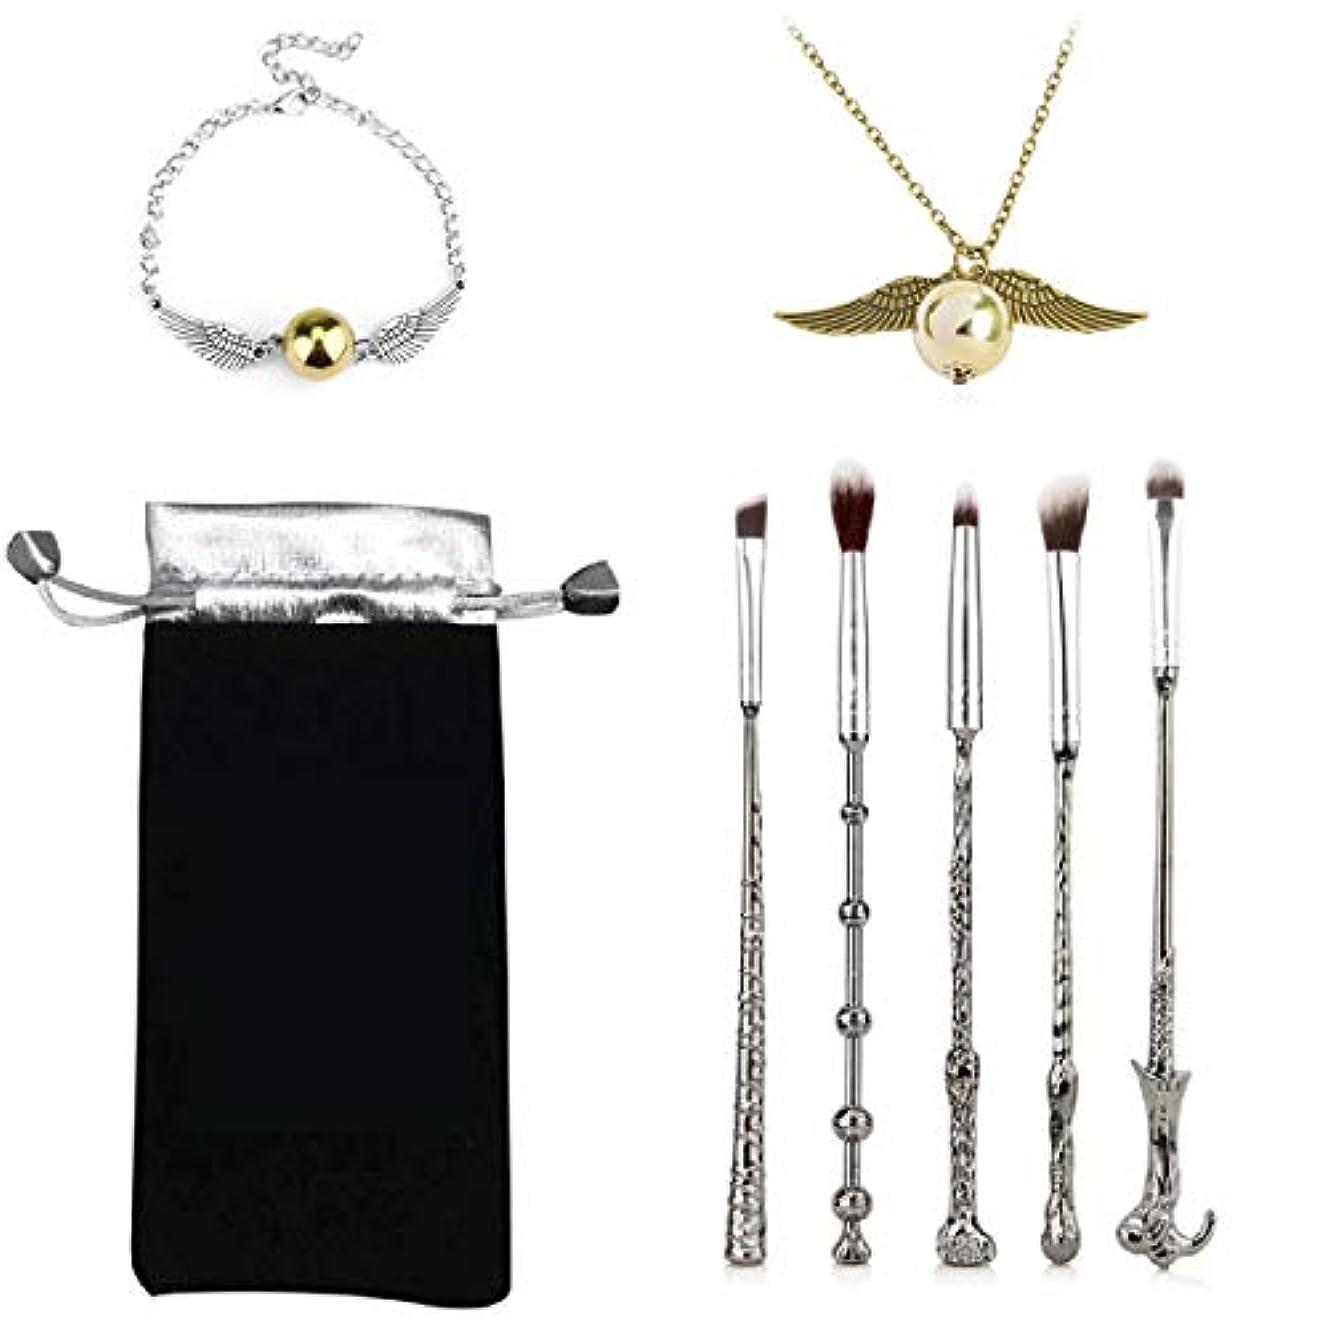 正気財産キャベツhapler メイクアップブラシ メイクブラシ ハリーポッター 魔法の杖の形 5本セット メイクアップブラシセット 化粧ブラシ 化粧ポーチ付き